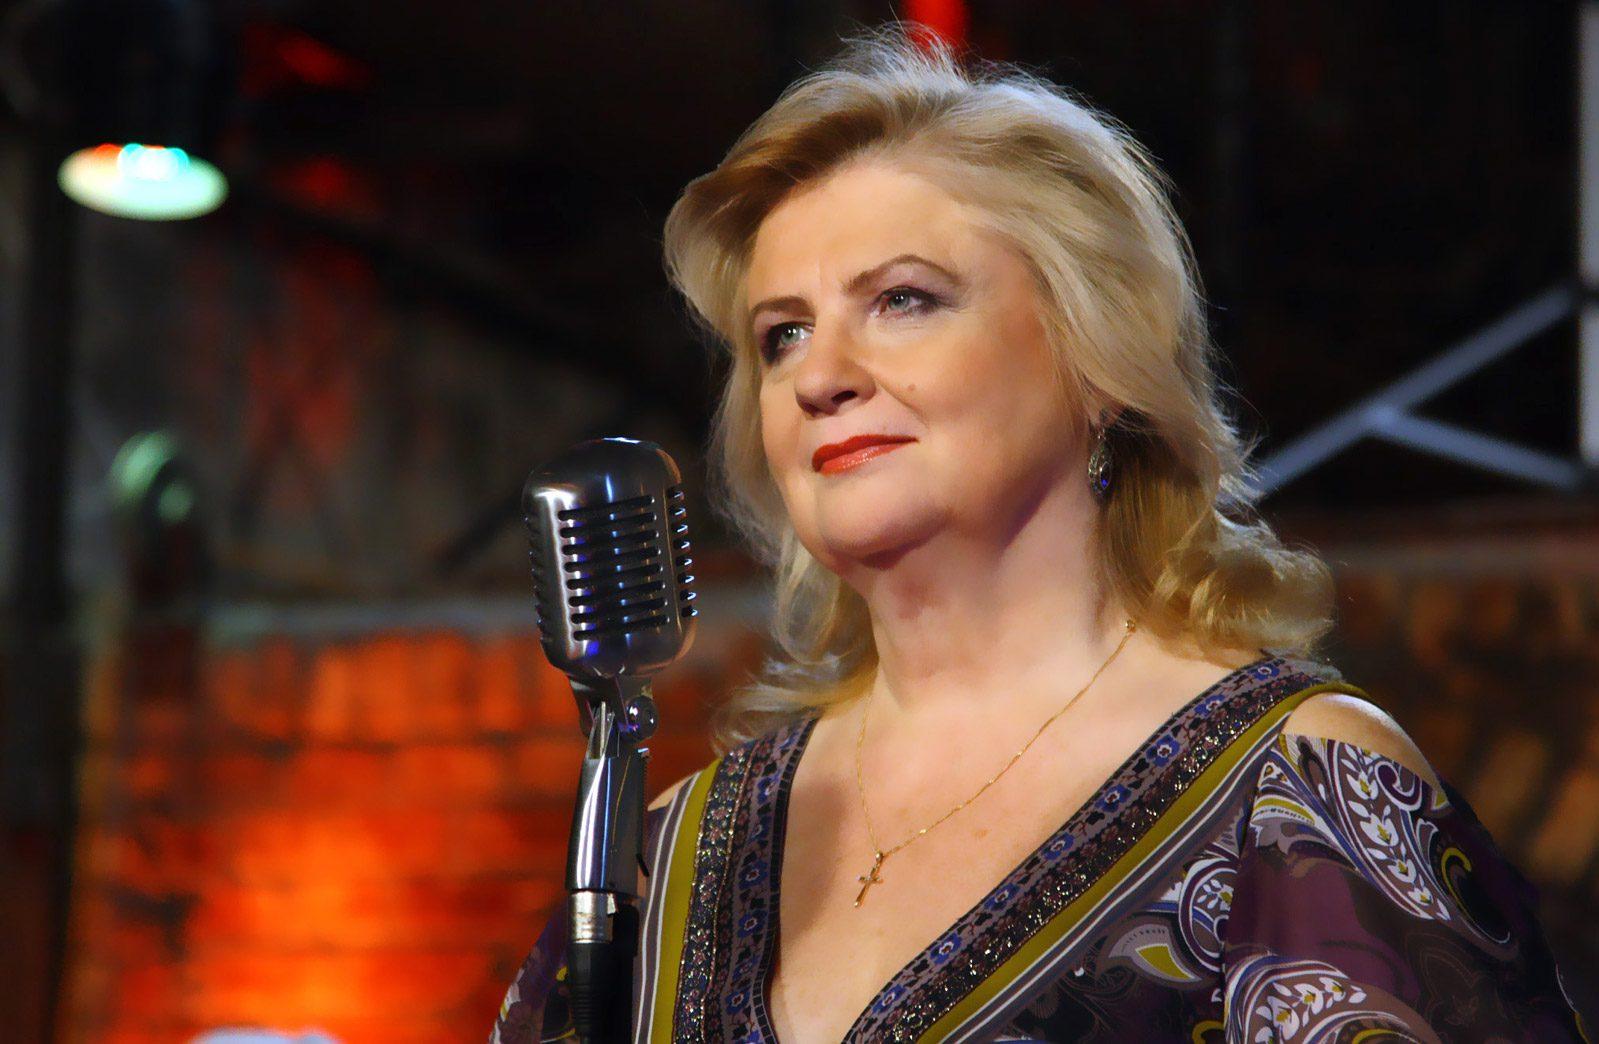 StanisławaCelińska